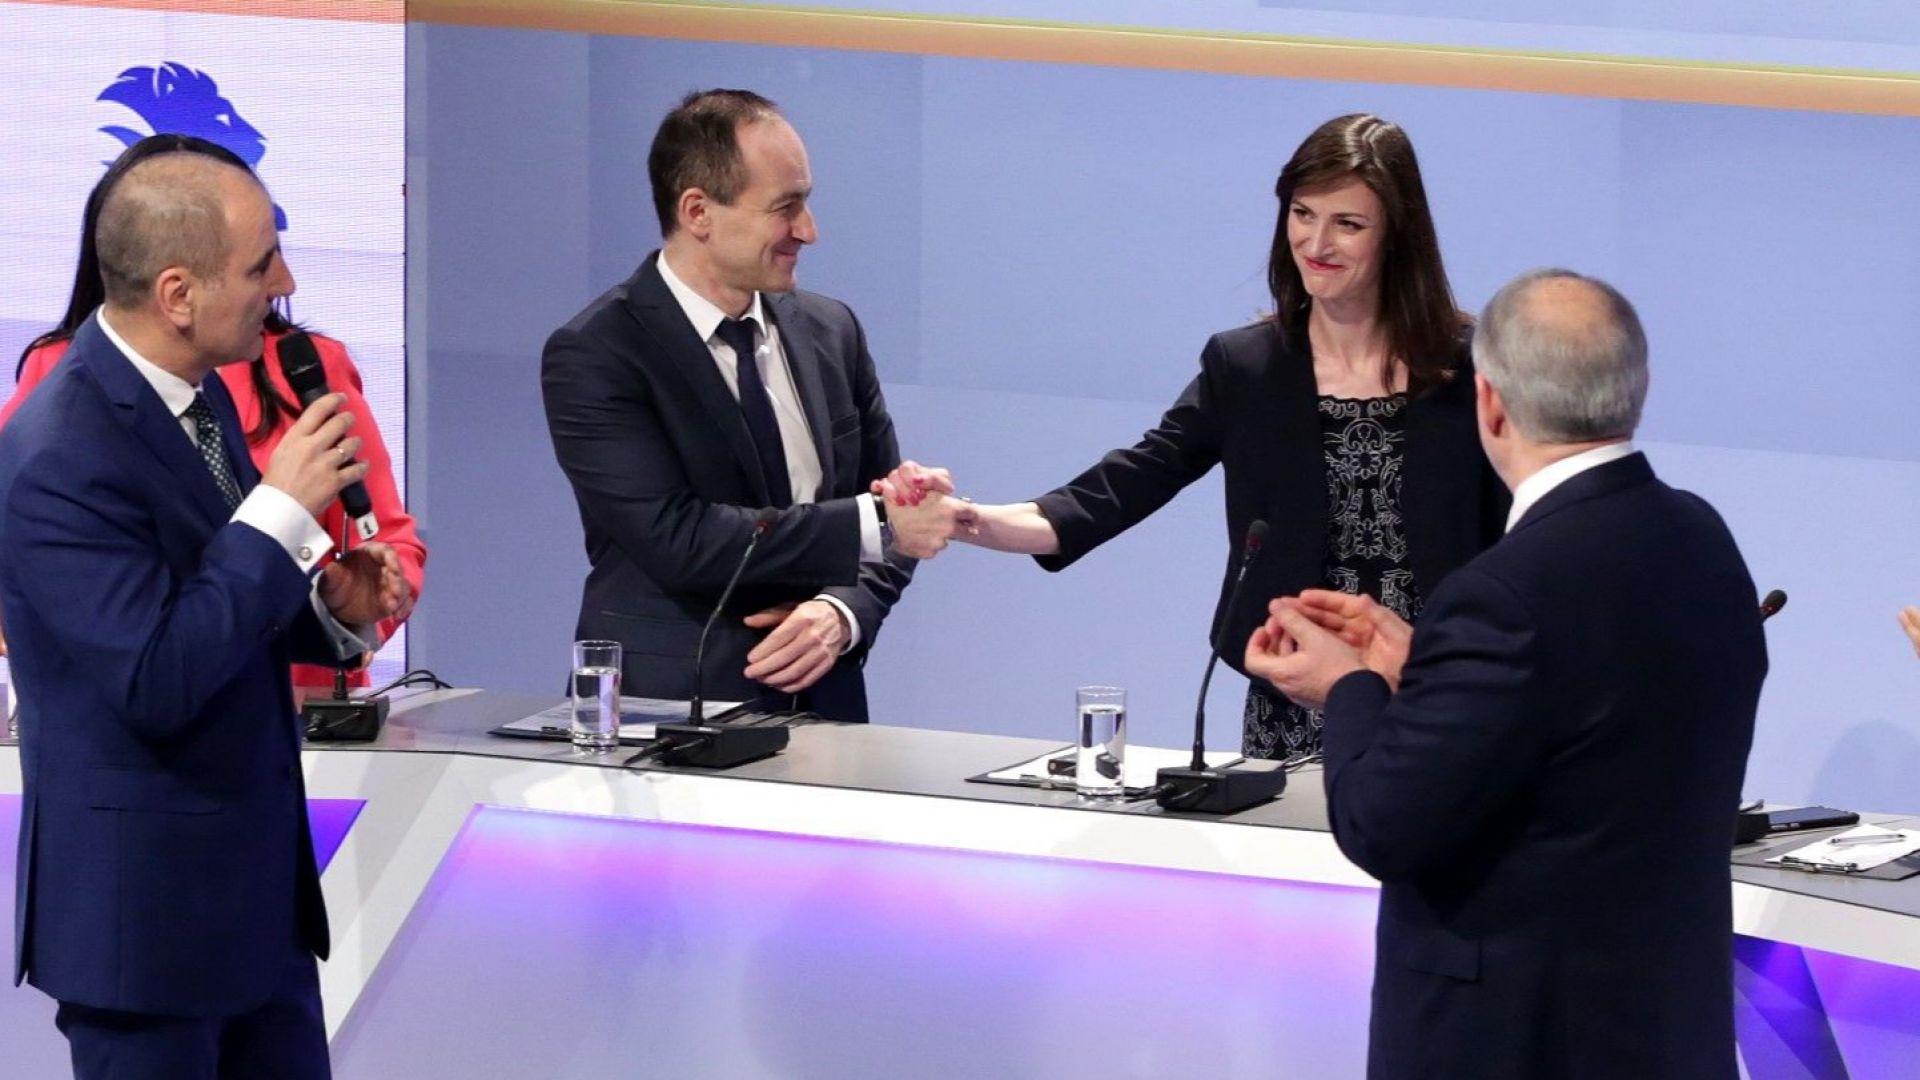 ГЕРБ представи платформата си за евроизборите: ясна посока за бъдещето на ЕС